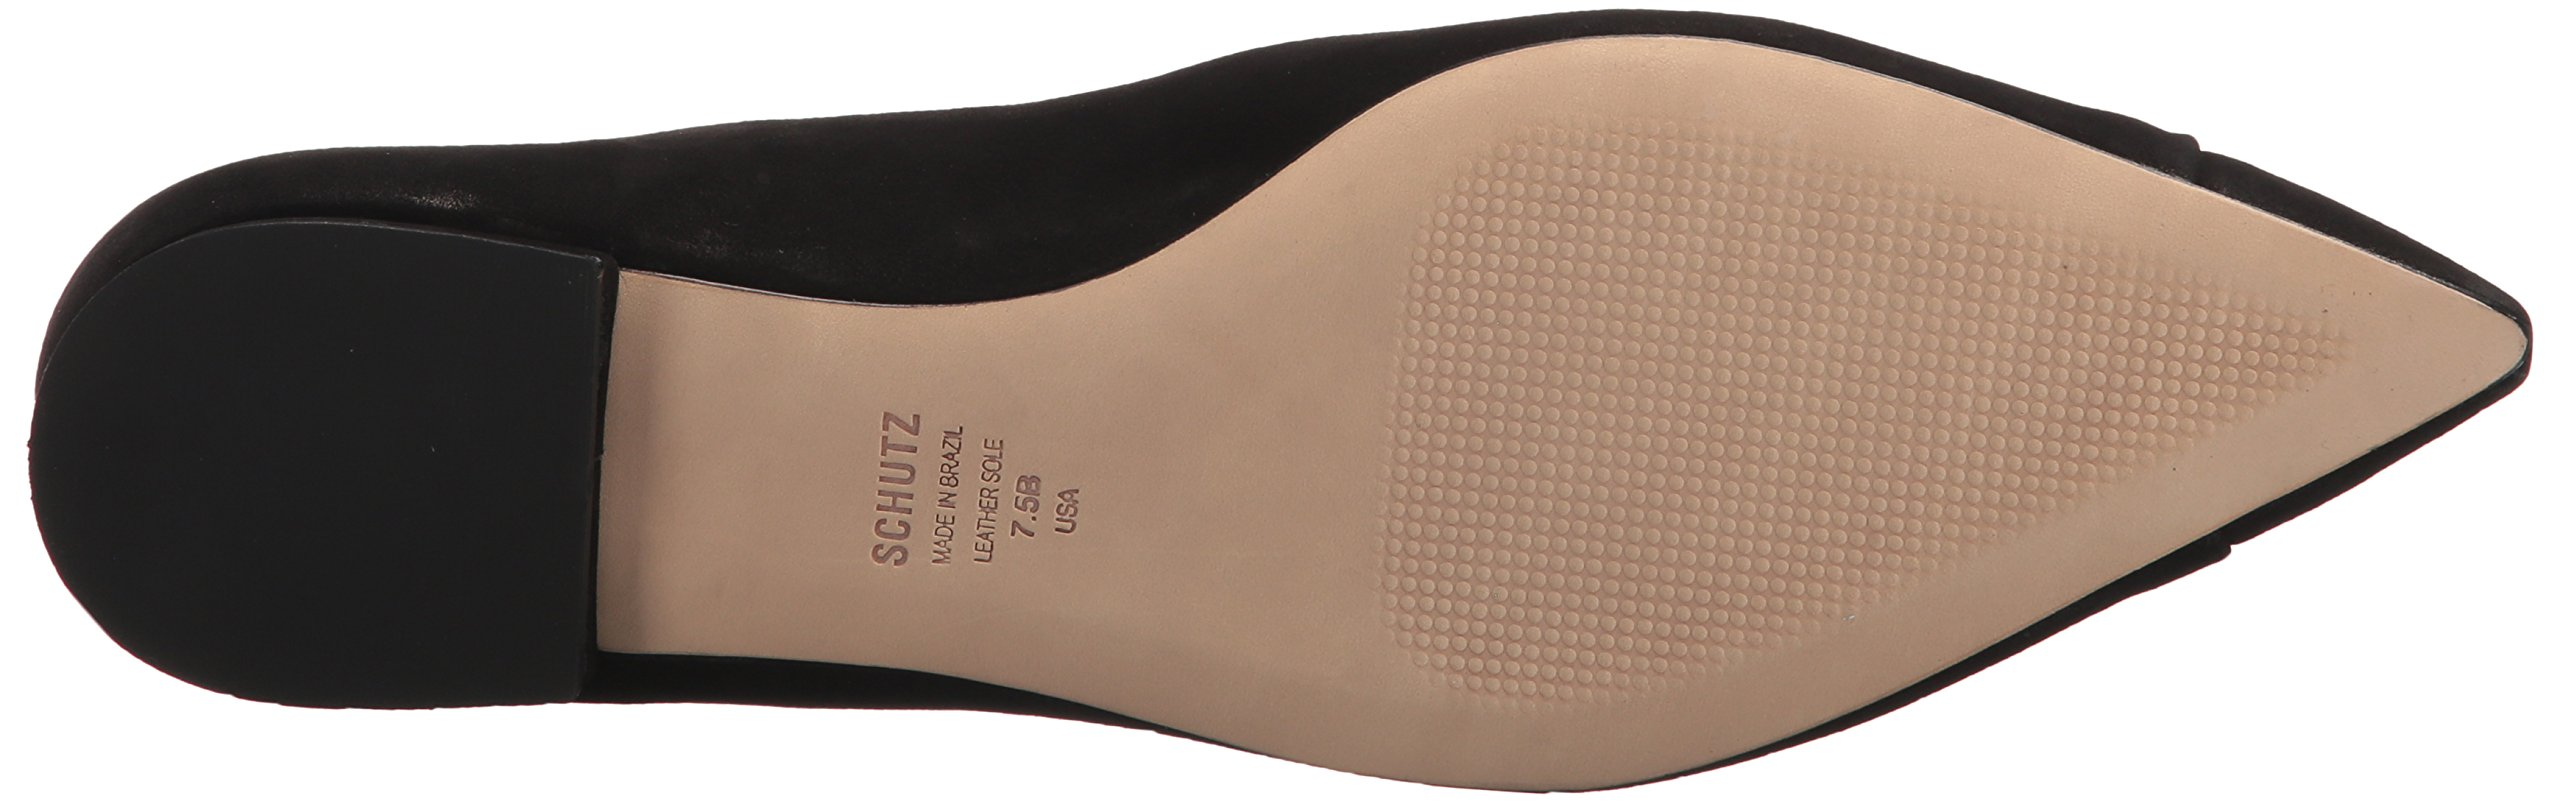 SCHUTZ Women's Sasha Ballet Flat, Black, 9.5 M US by SCHUTZ (Image #3)